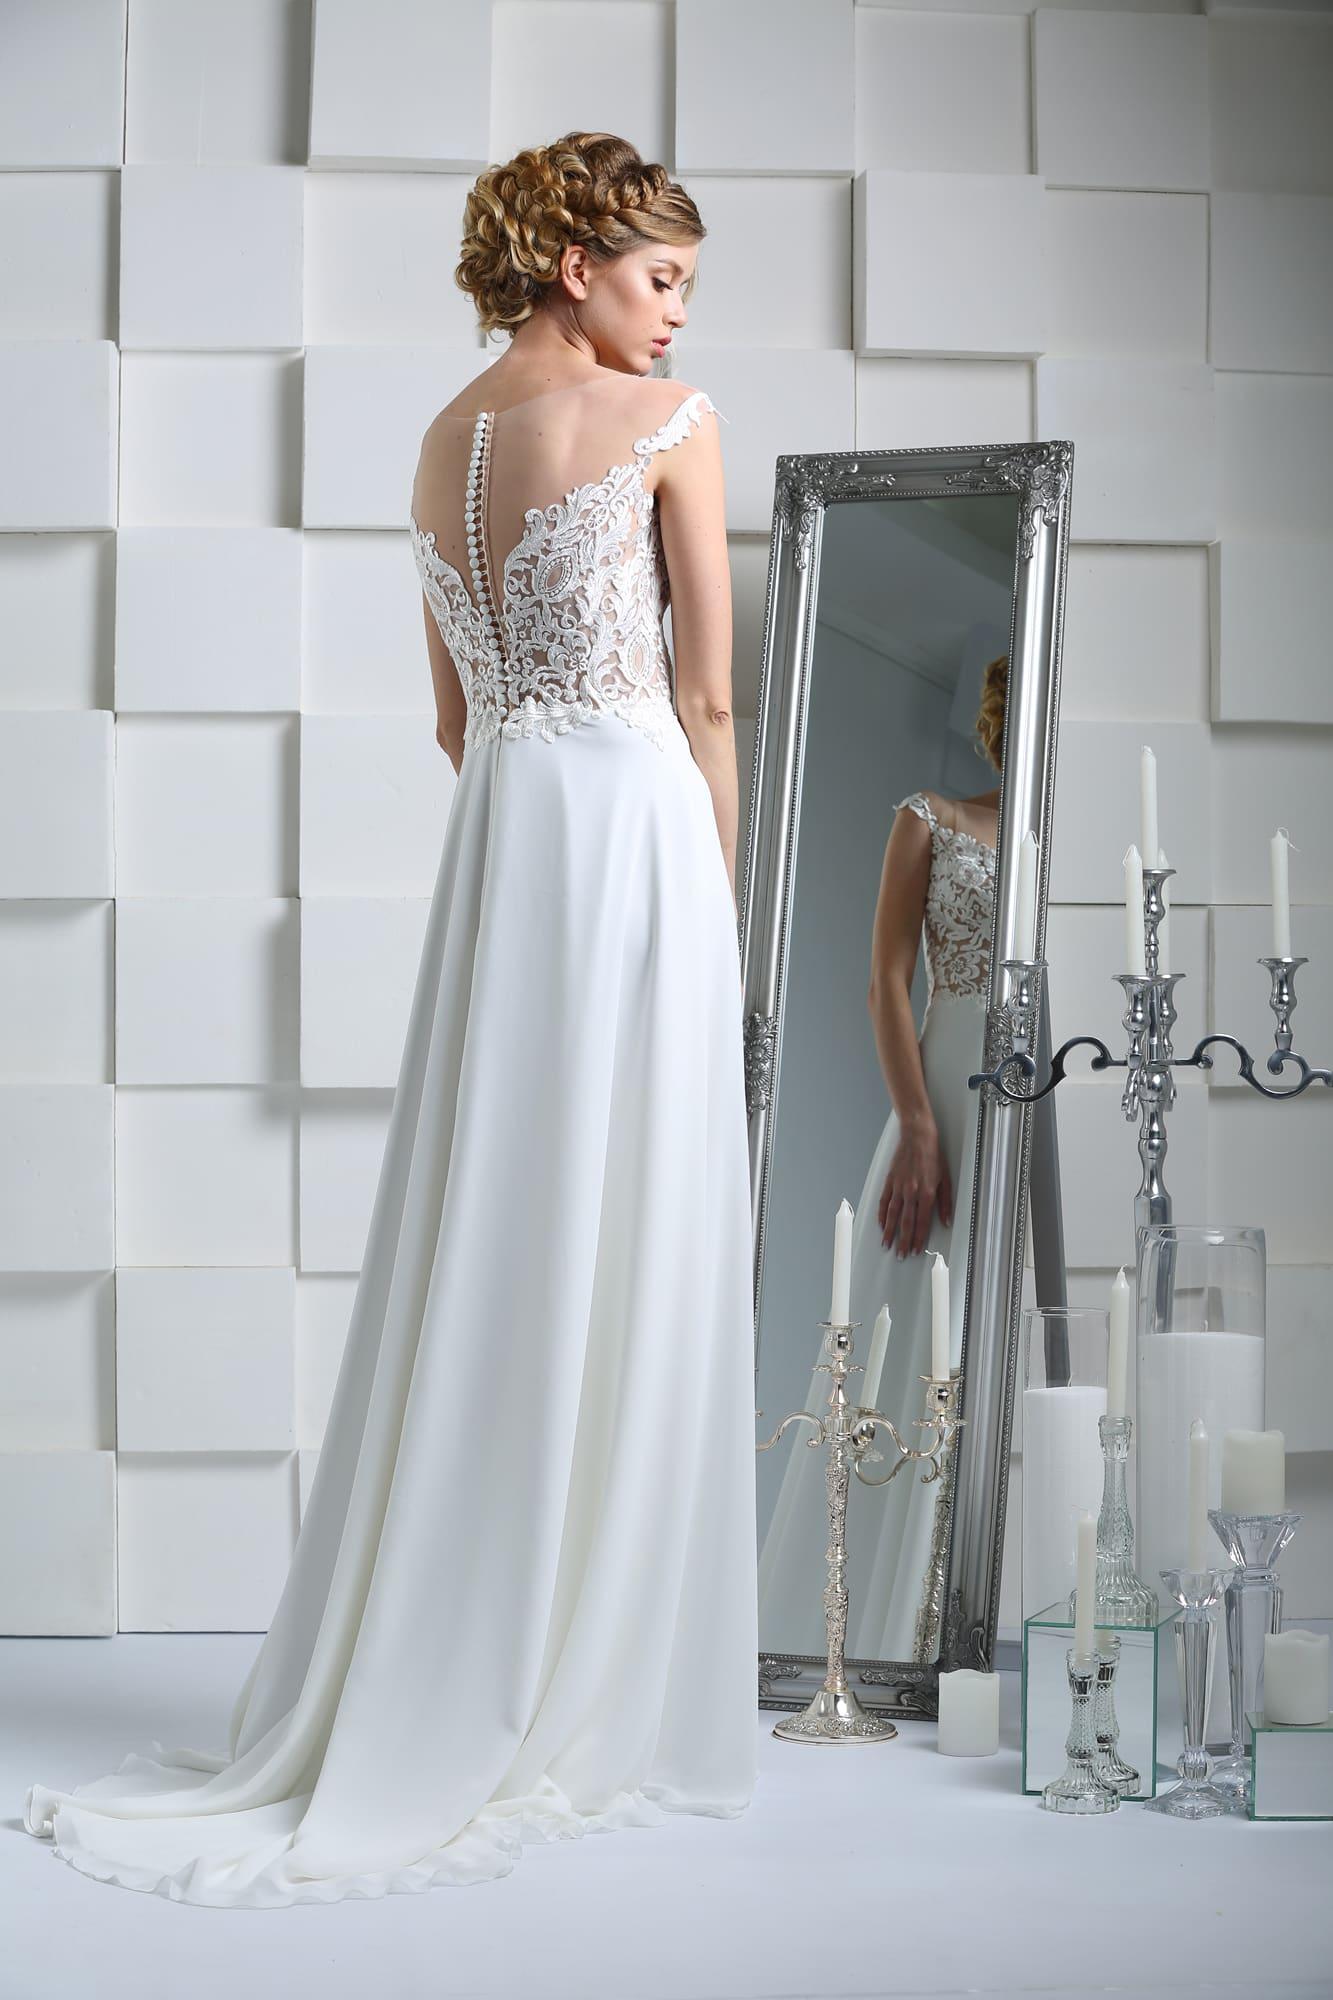 Прямое свадебное платье с выразительным декольте, открытой спинкой и небольшим шлейфом.